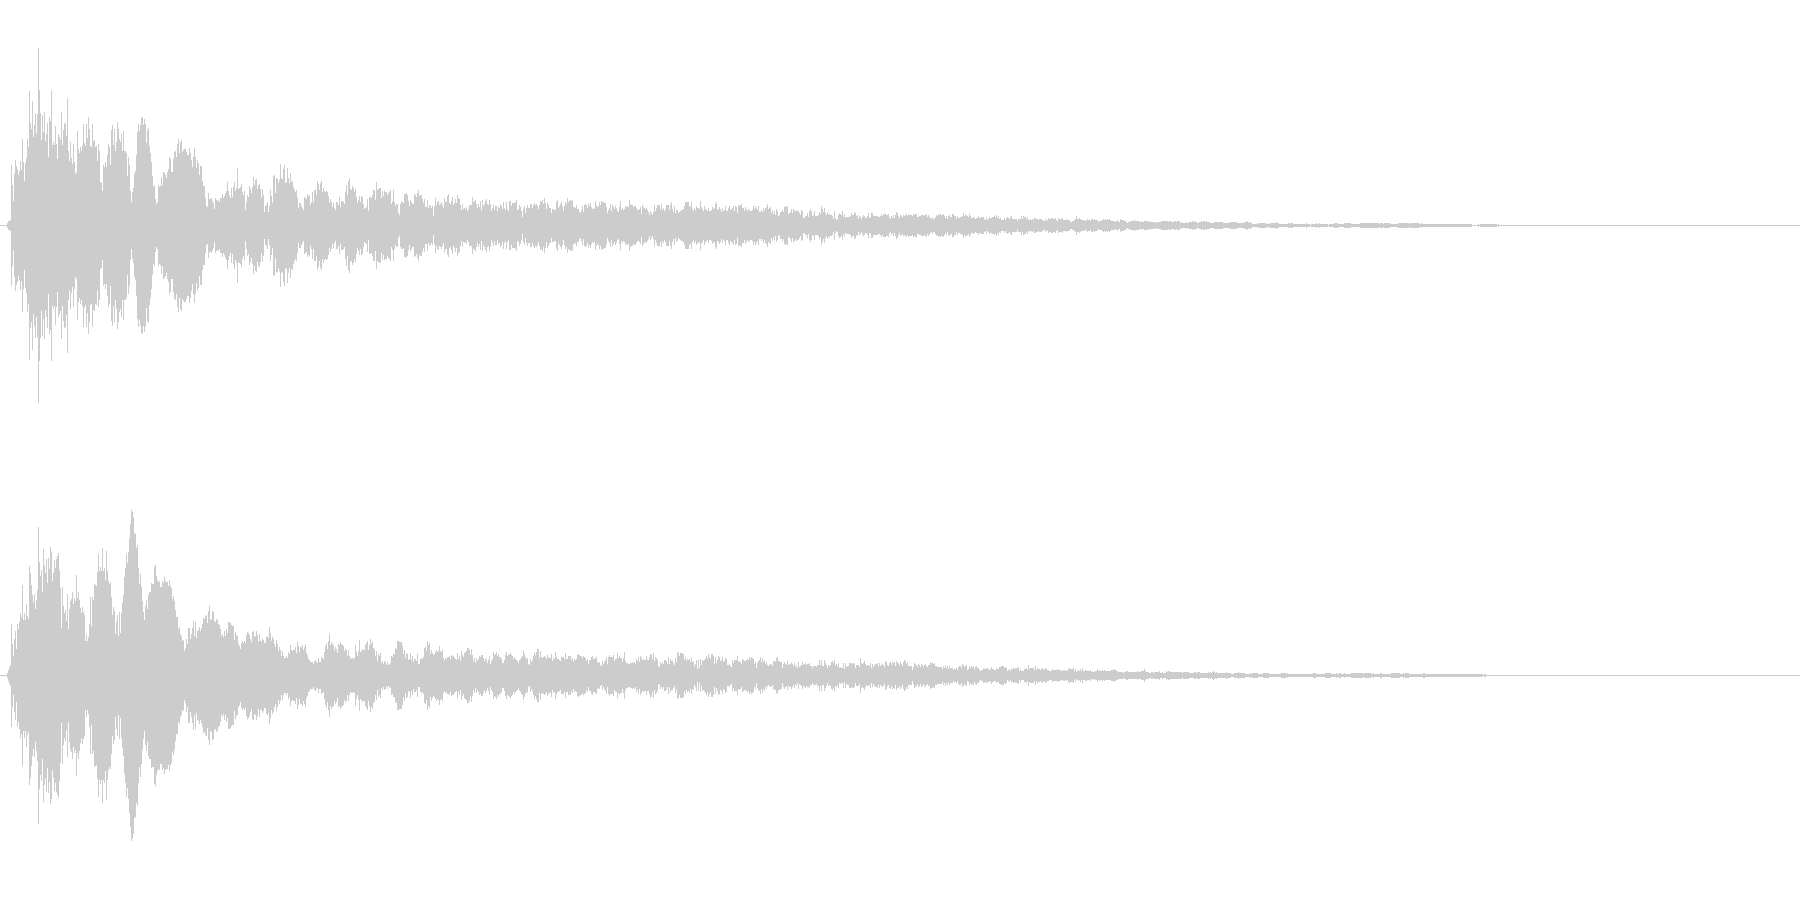 サスペンスに最適!ピアノの弦を弄ぶ音46の未再生の波形